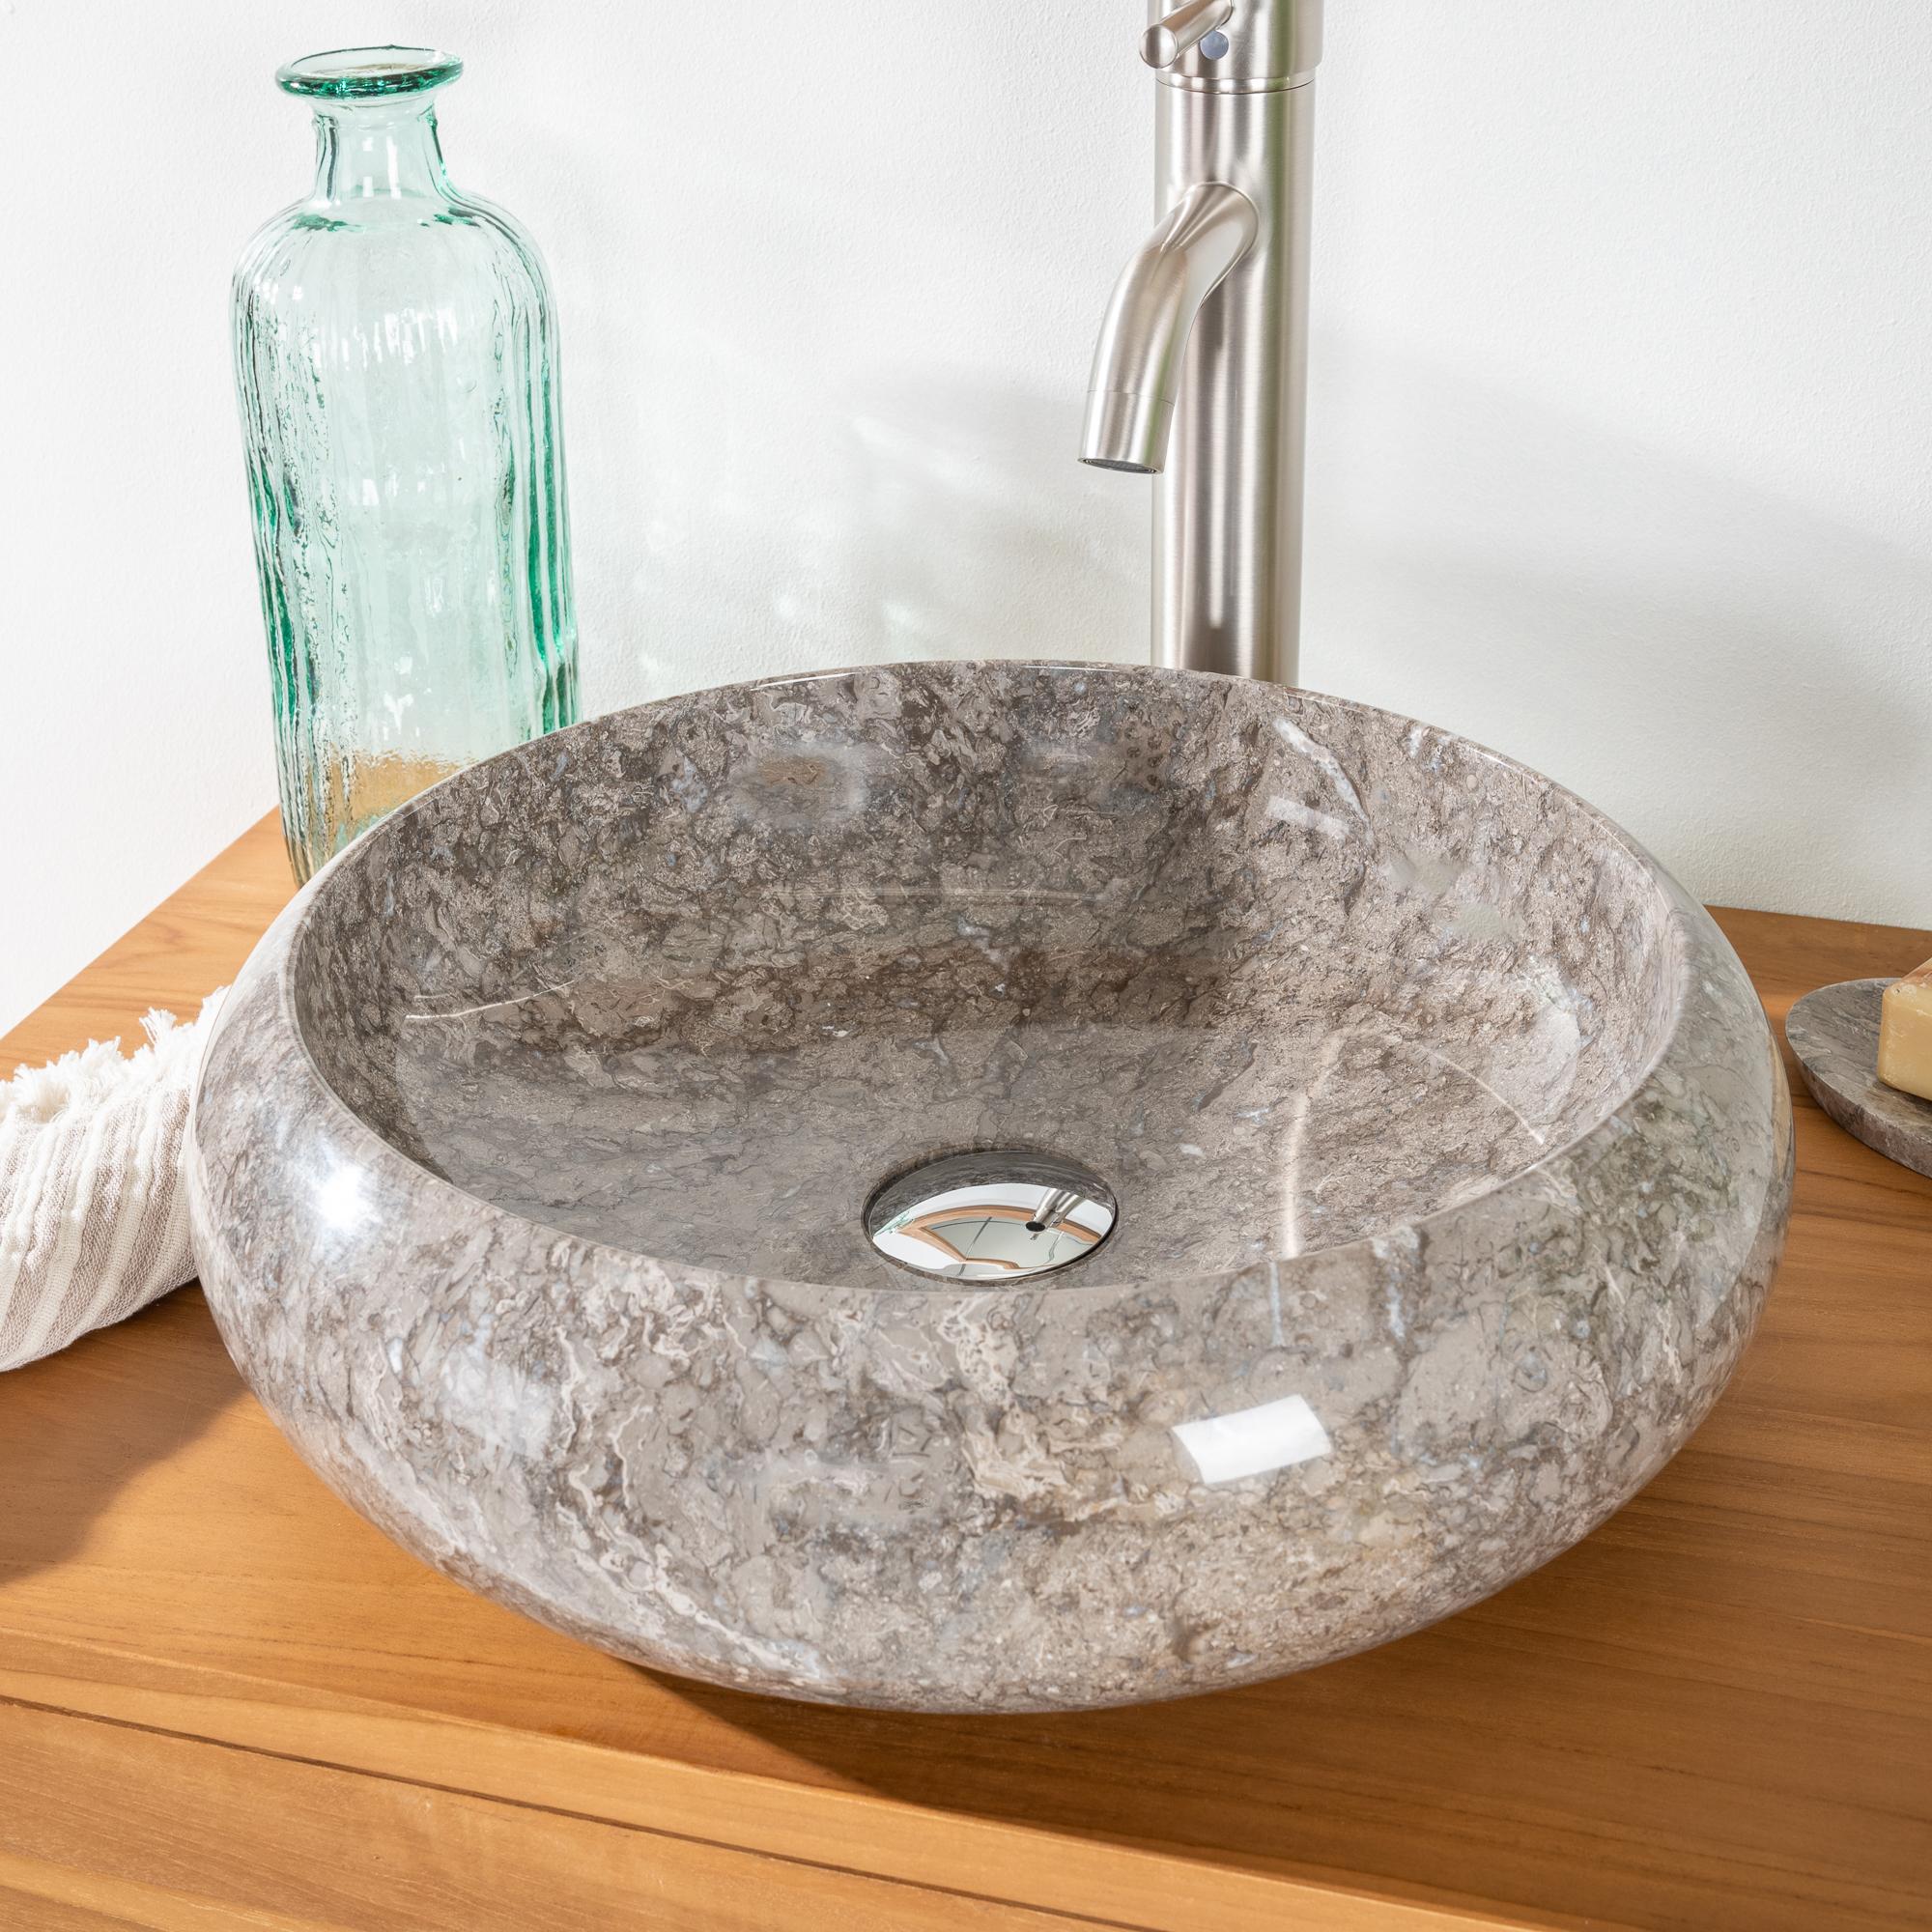 Vasque poser en marbre venise ronde grise taupe d for Salle de bain taupe et gris